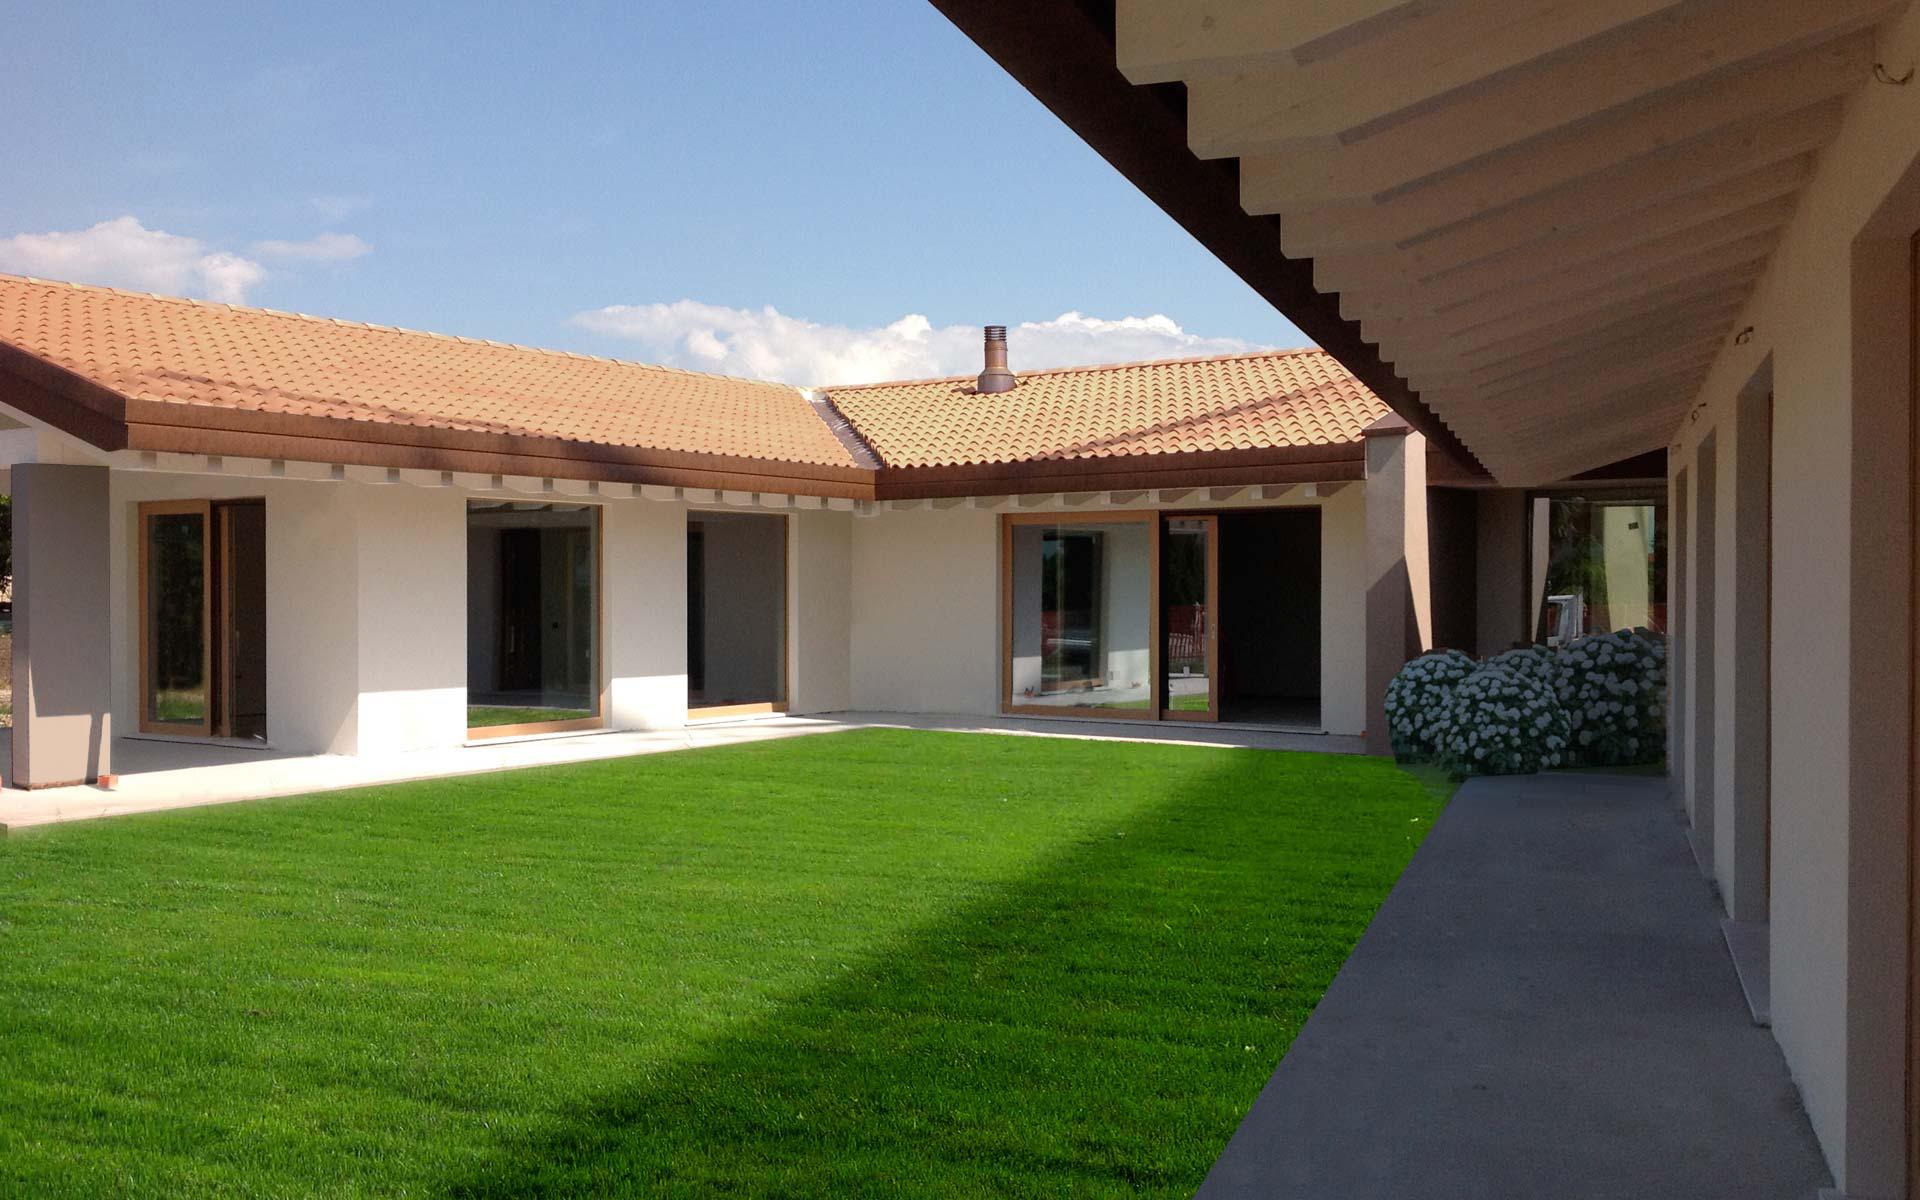 Bio architettura treviso globarch homepage for Nuove case a un piano